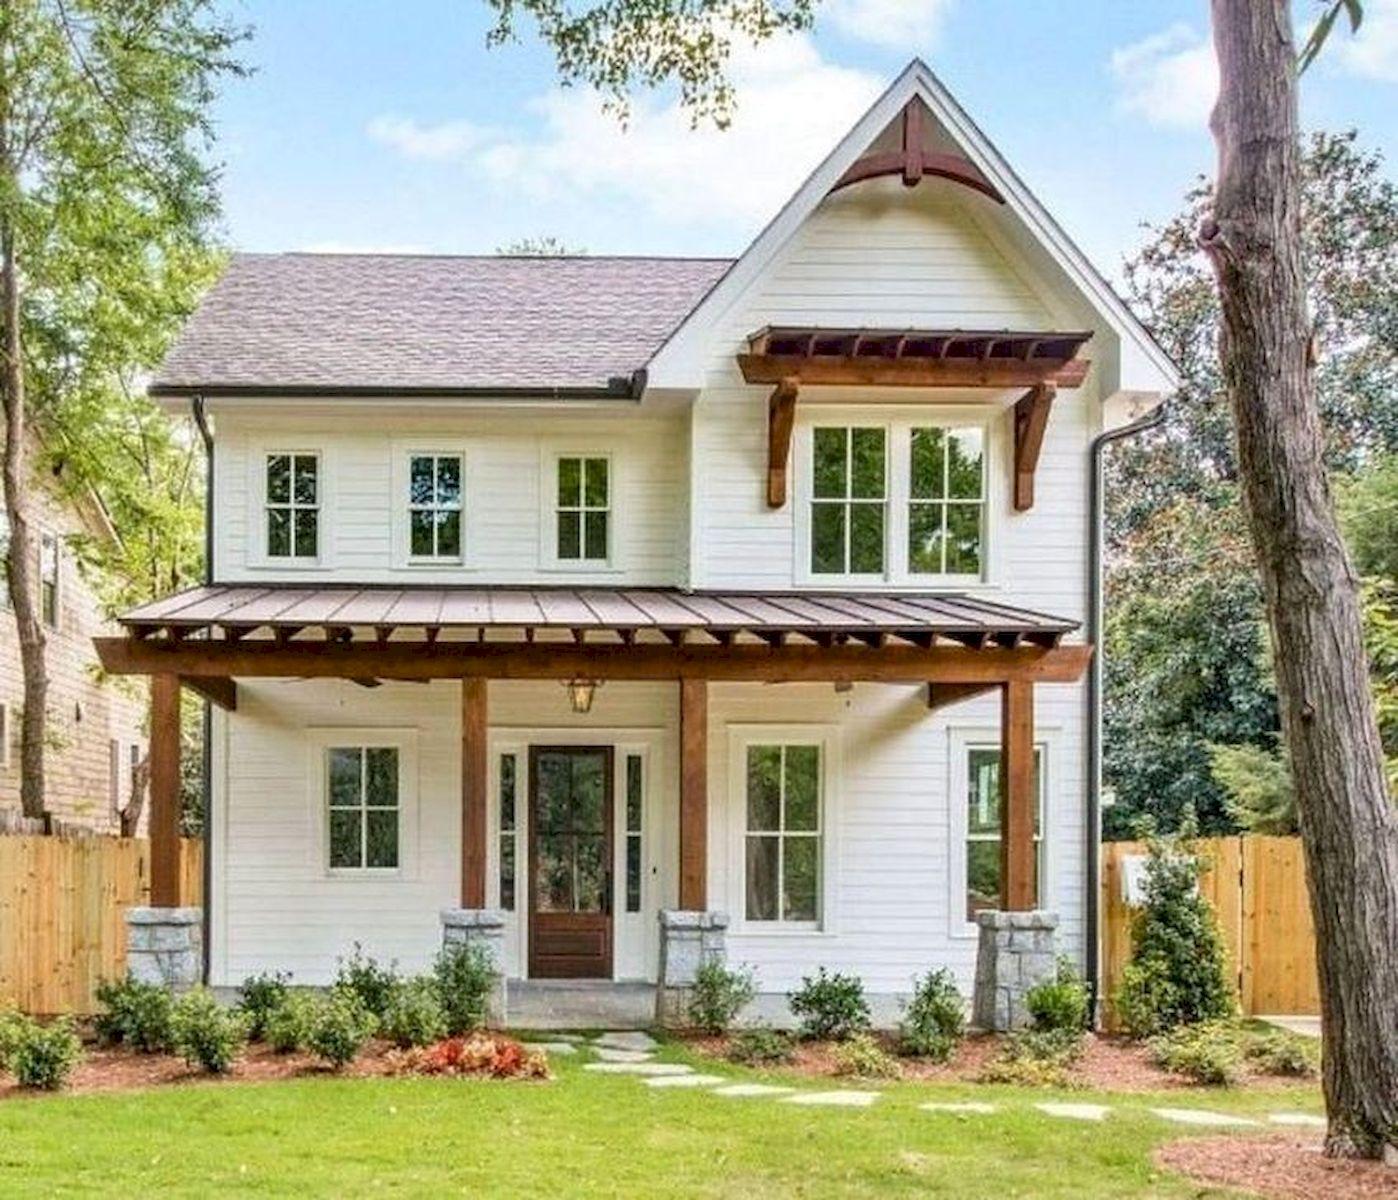 46 Awesome Farmhouse Home Exterior Design Ideas (26)